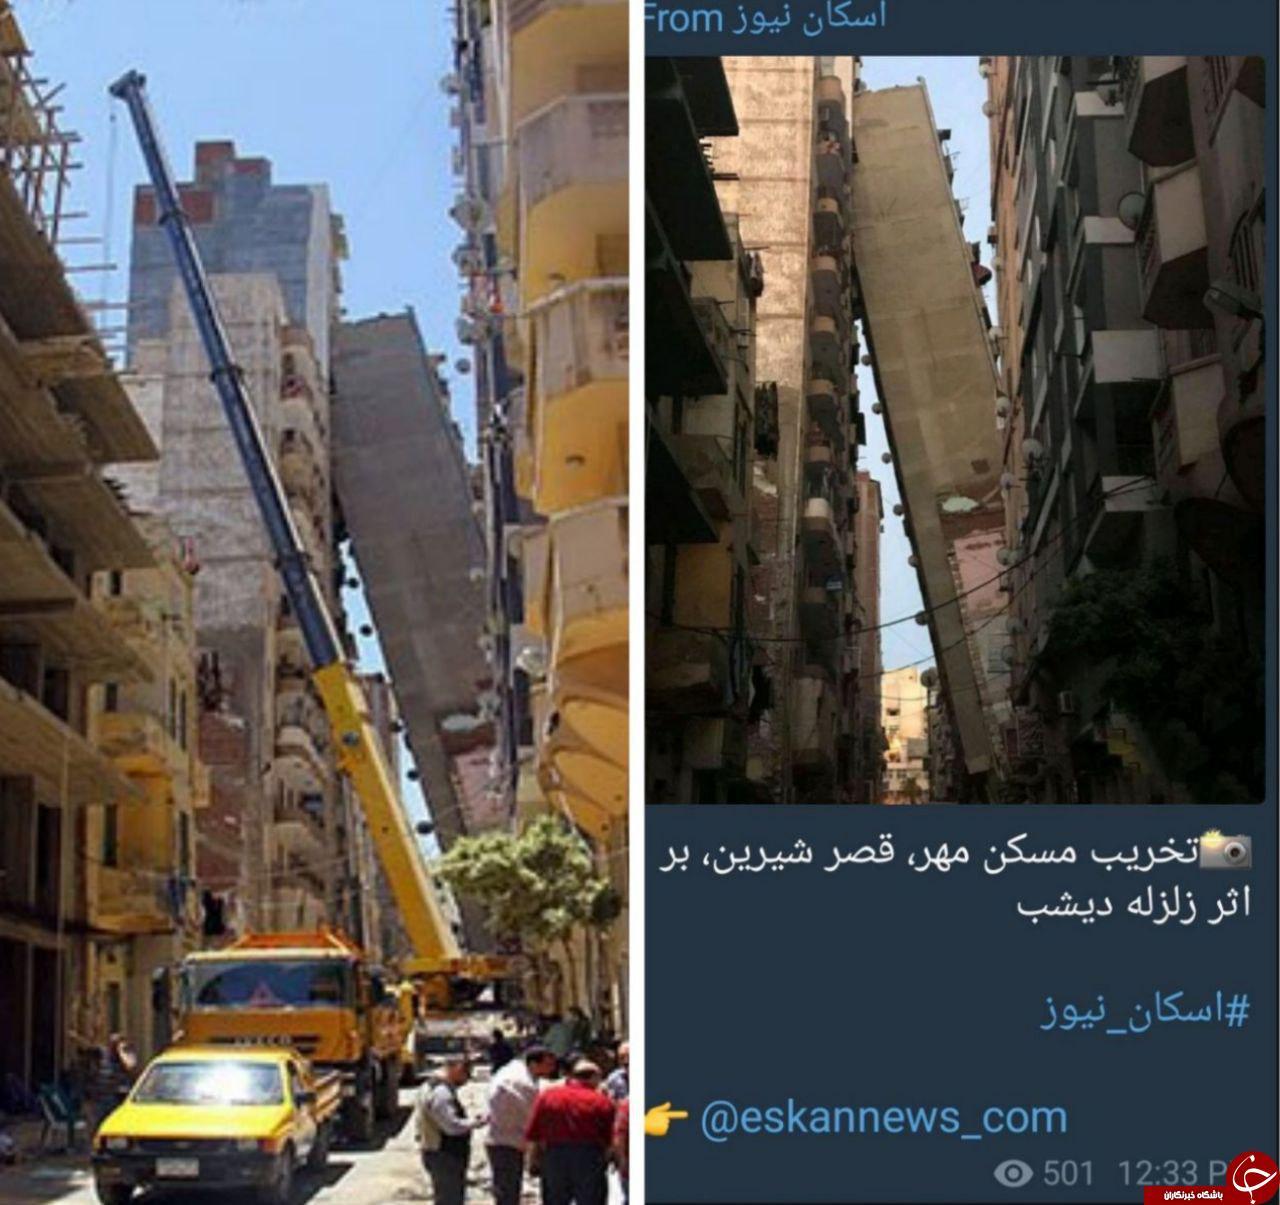 سوتی اسکان نیوز در خصوص مسکن مهر + عکس